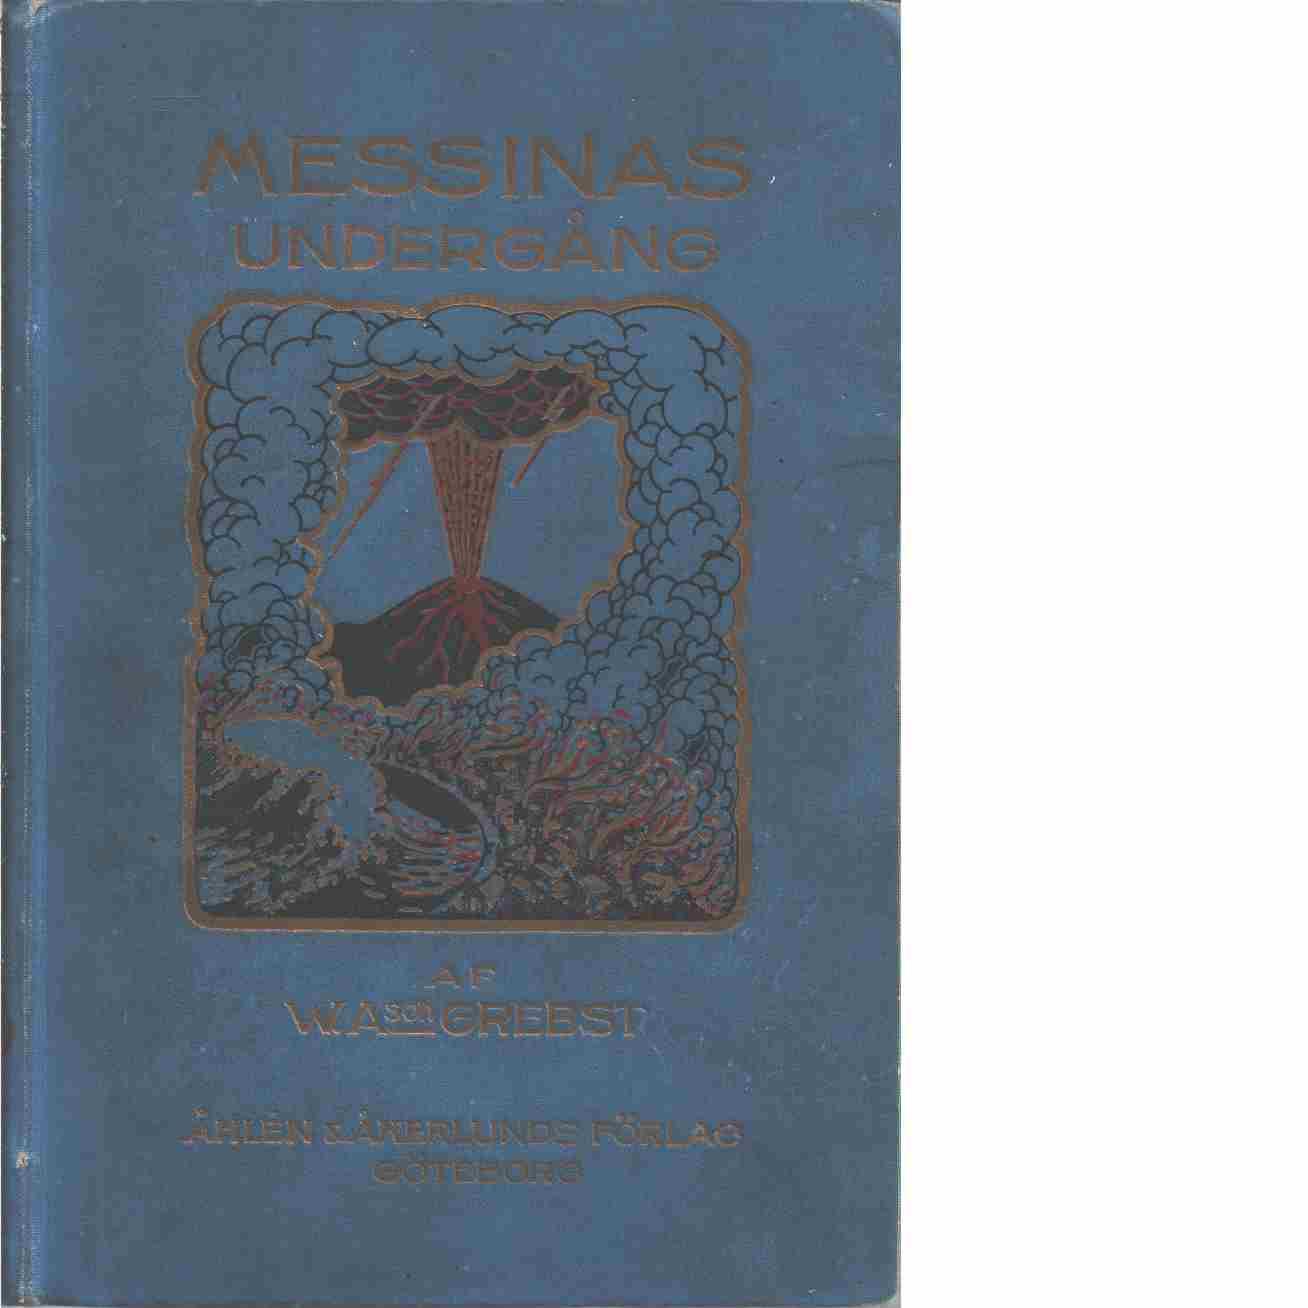 Messinas undergång -  Grebst, William A:son